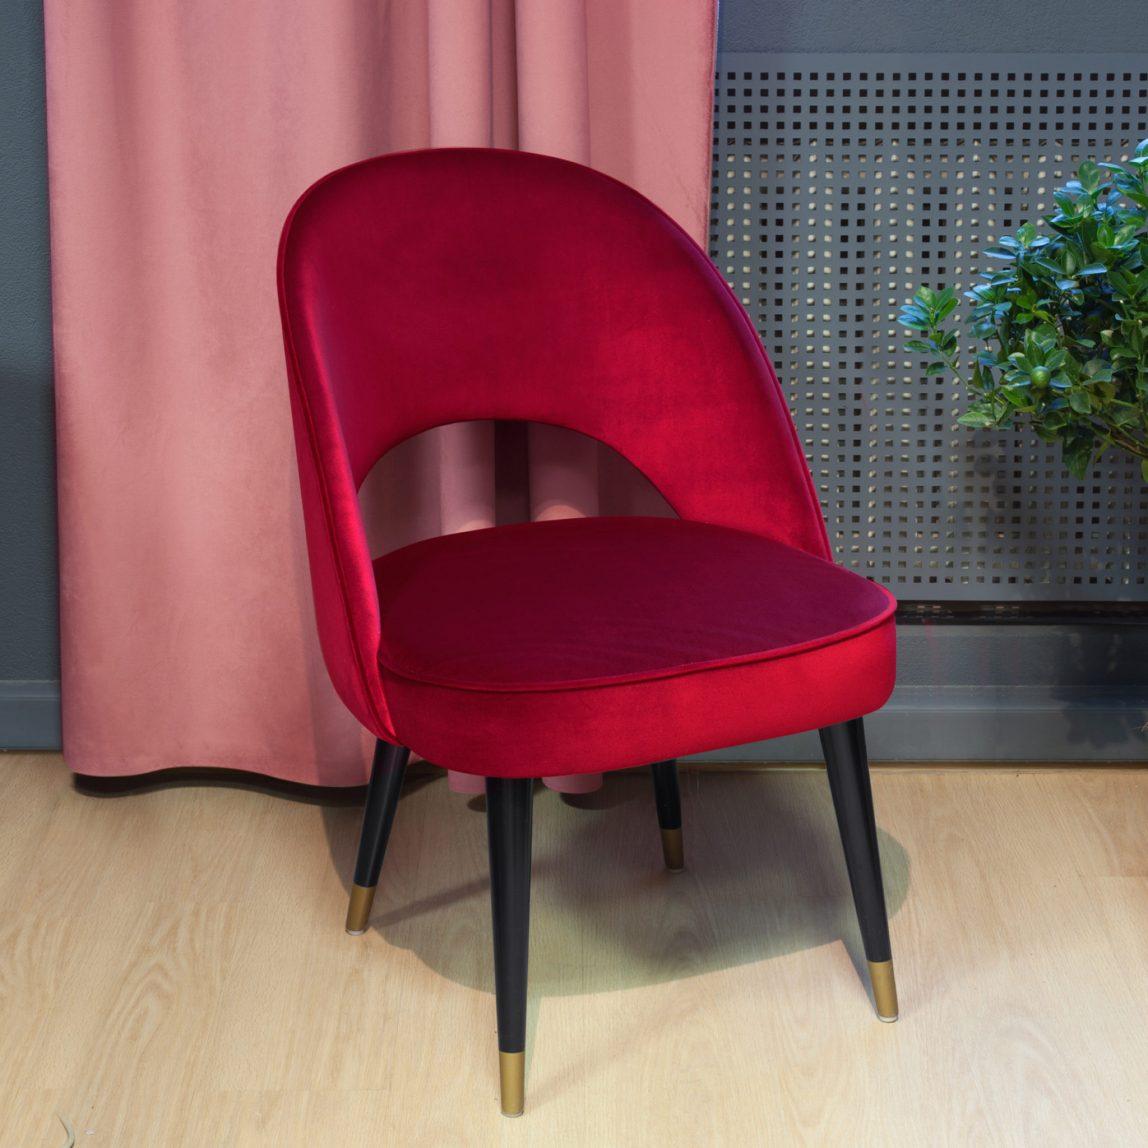 ар-деко стул в интерьере